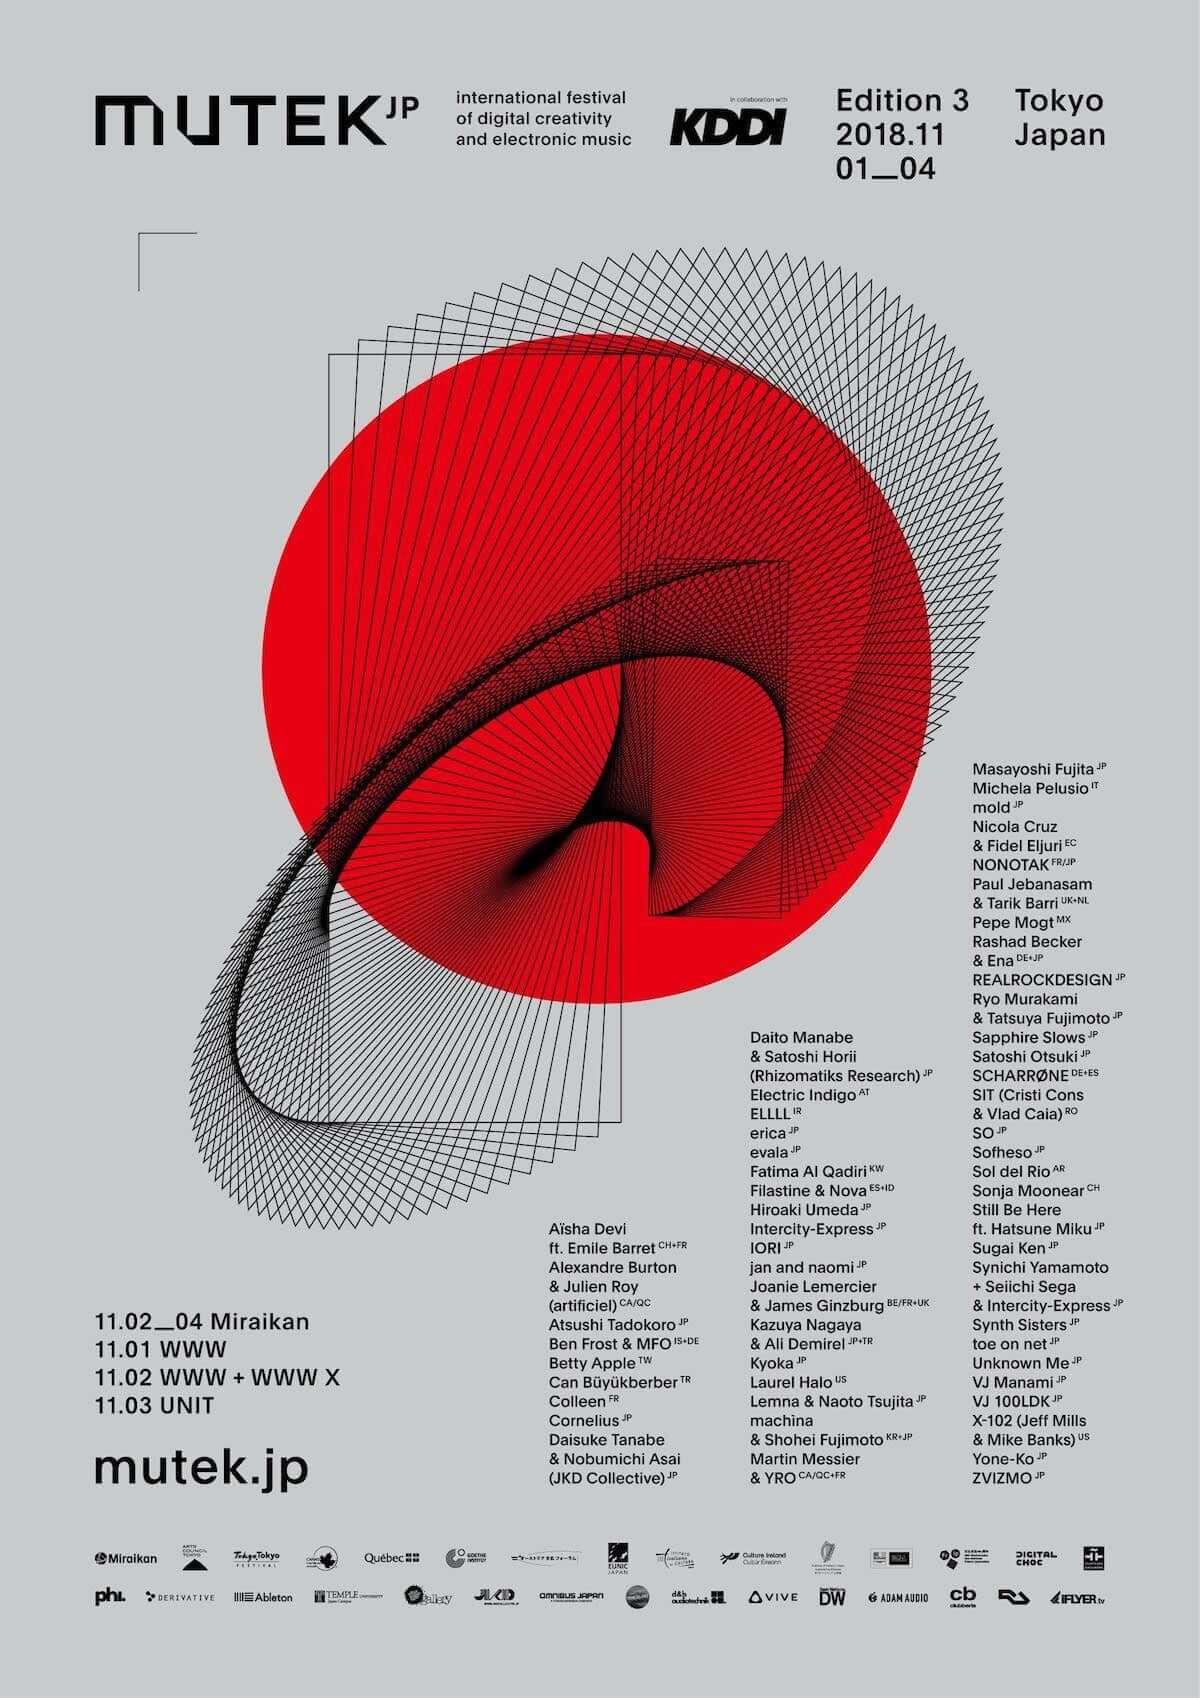 コーネリアス、ジェフ・ミルズ、初音ミクら出演!世界最先端のデジタルアートの祭典『MUTEK.JP2018』 music181030_mutek_01-1200x1698